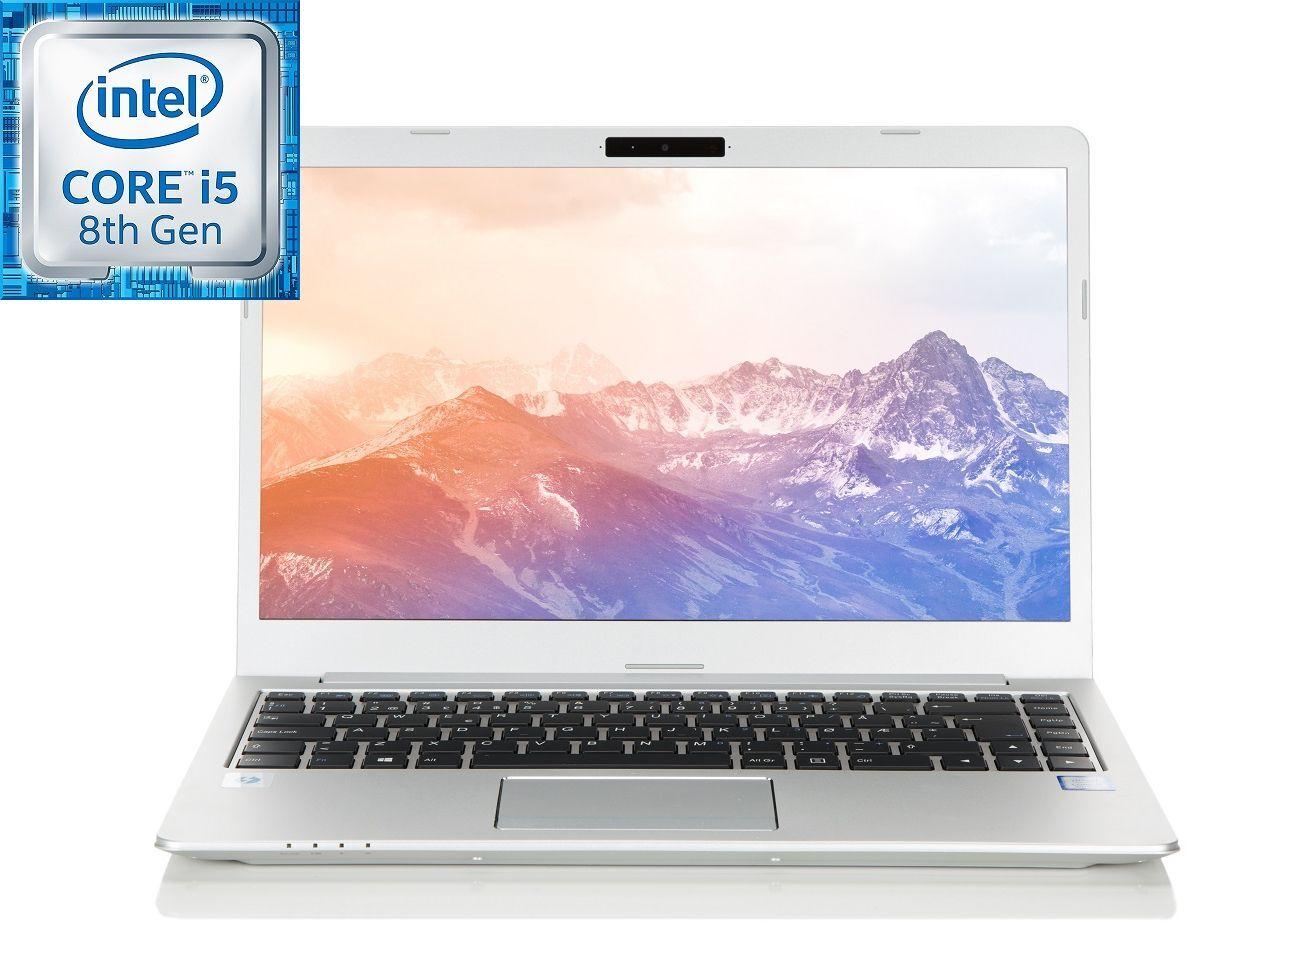 """Multicom Talisa U840 14"""" Full-HD WVA matt, 8. gen Intel Core i5-8250U, 8GB, 256GB PCIe SSD, 1TB HDD, Thunderbolt 3/USB-C, Uten operativsystem, 19mm, 1.4kg"""